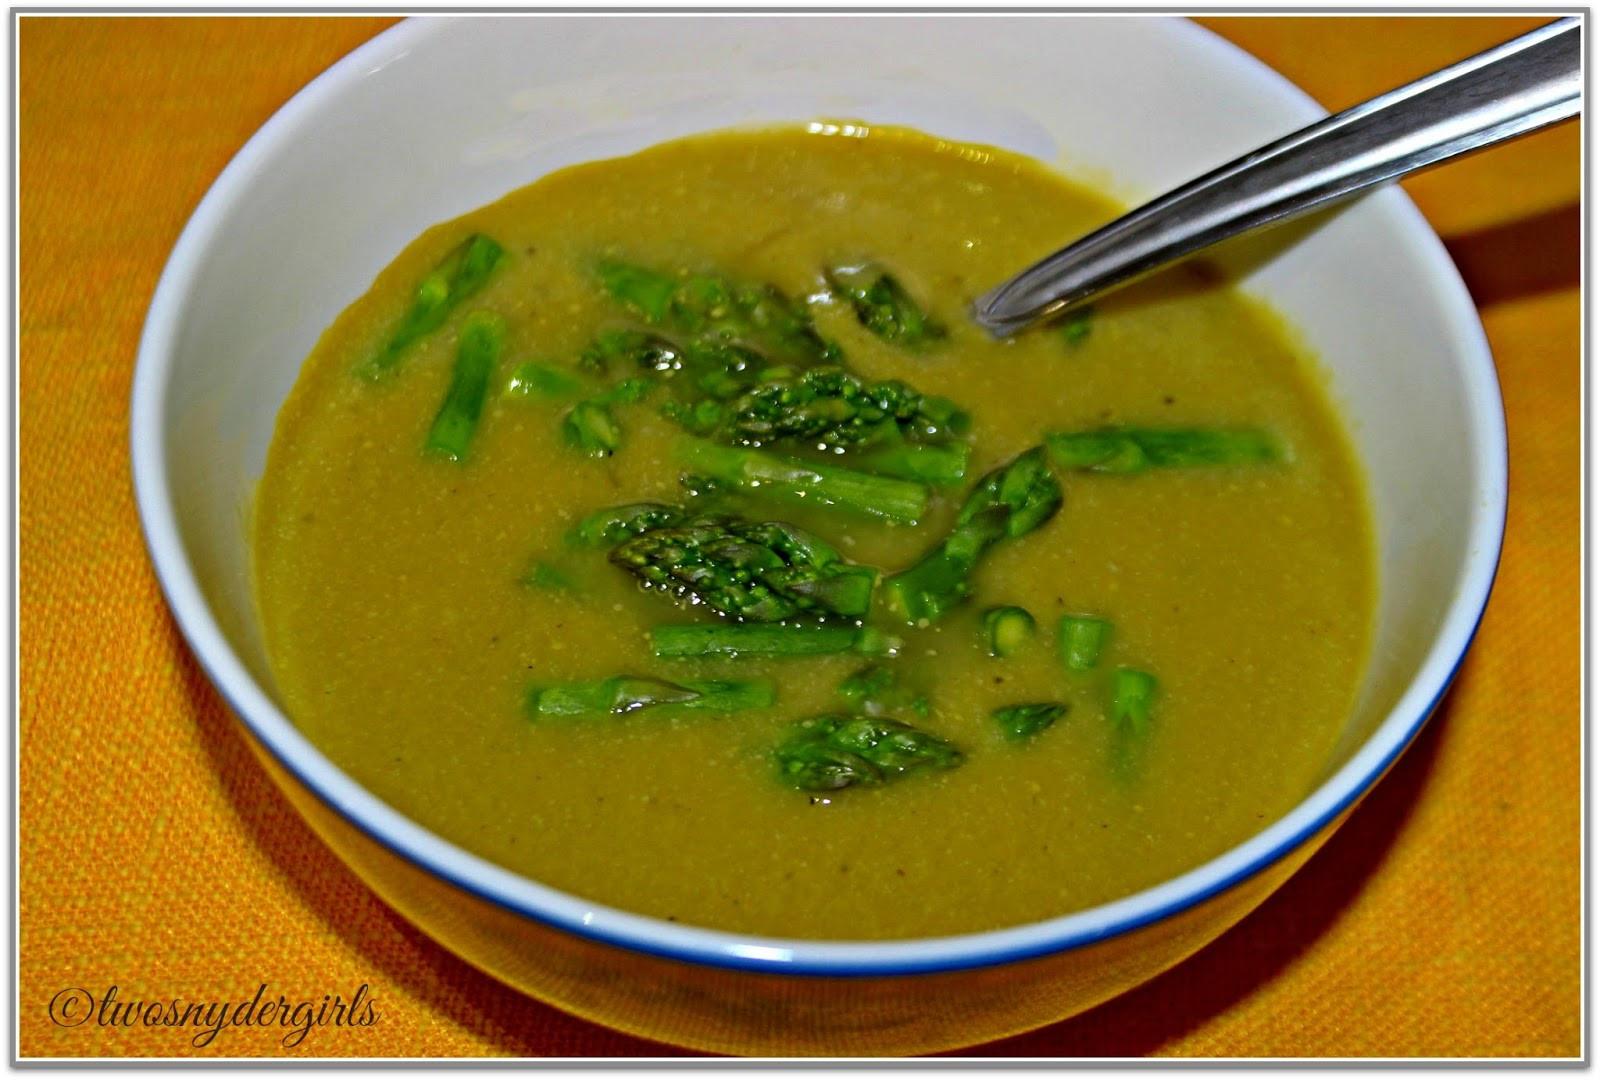 Asparagus Soup Vegan  Grandparents & Grandchildren Asparagus soup Vegan